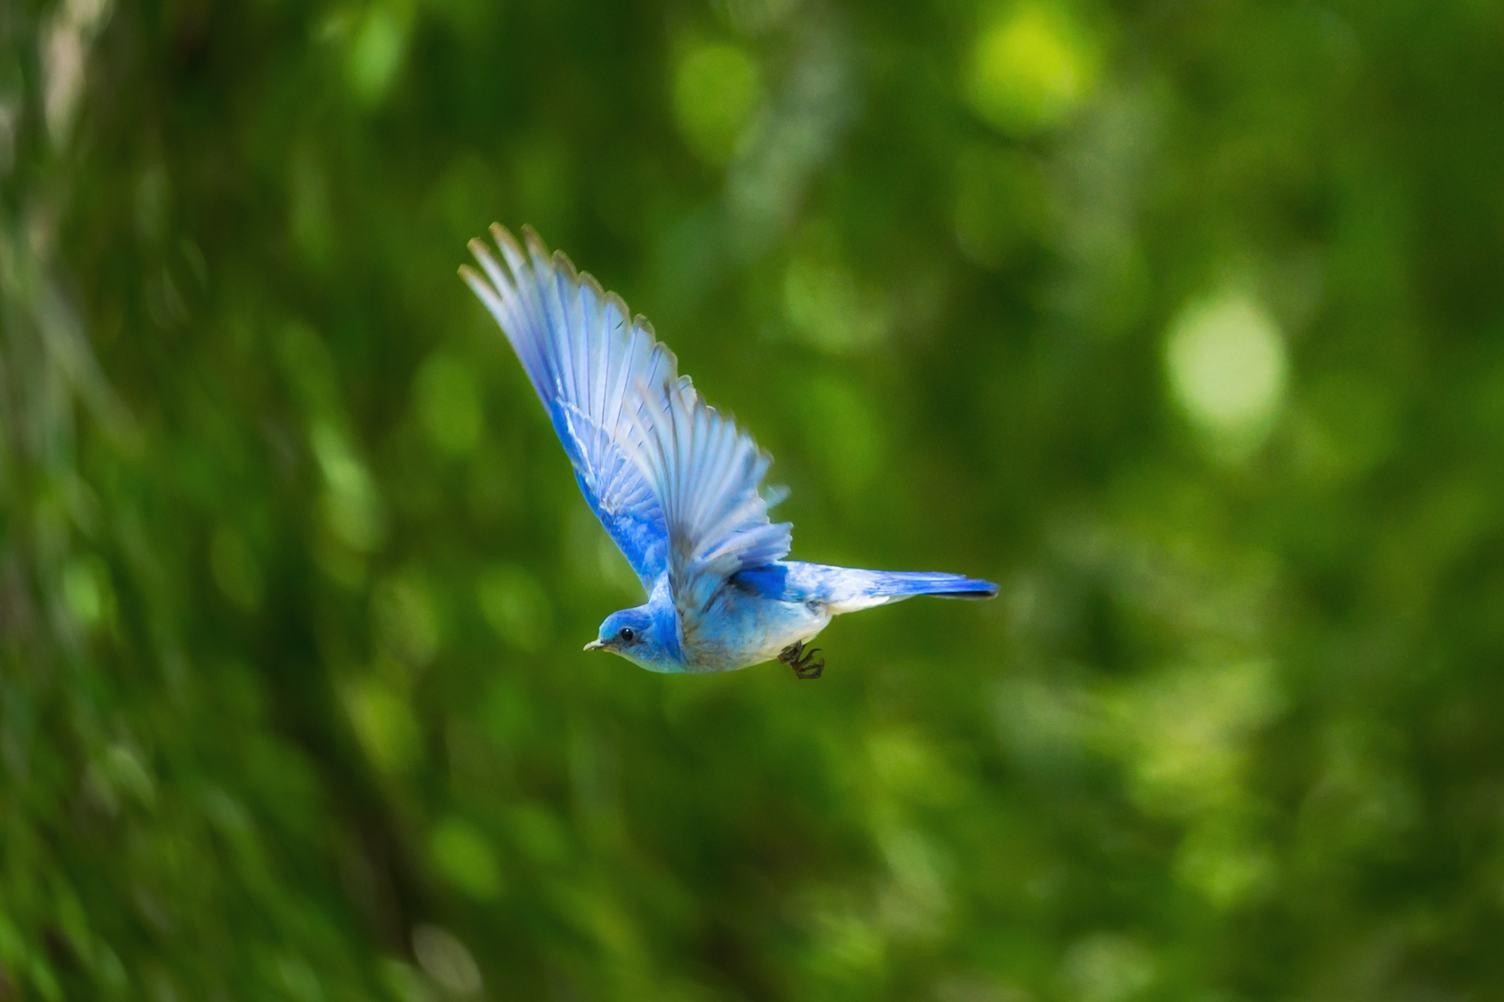 Flight of a Blue Bird